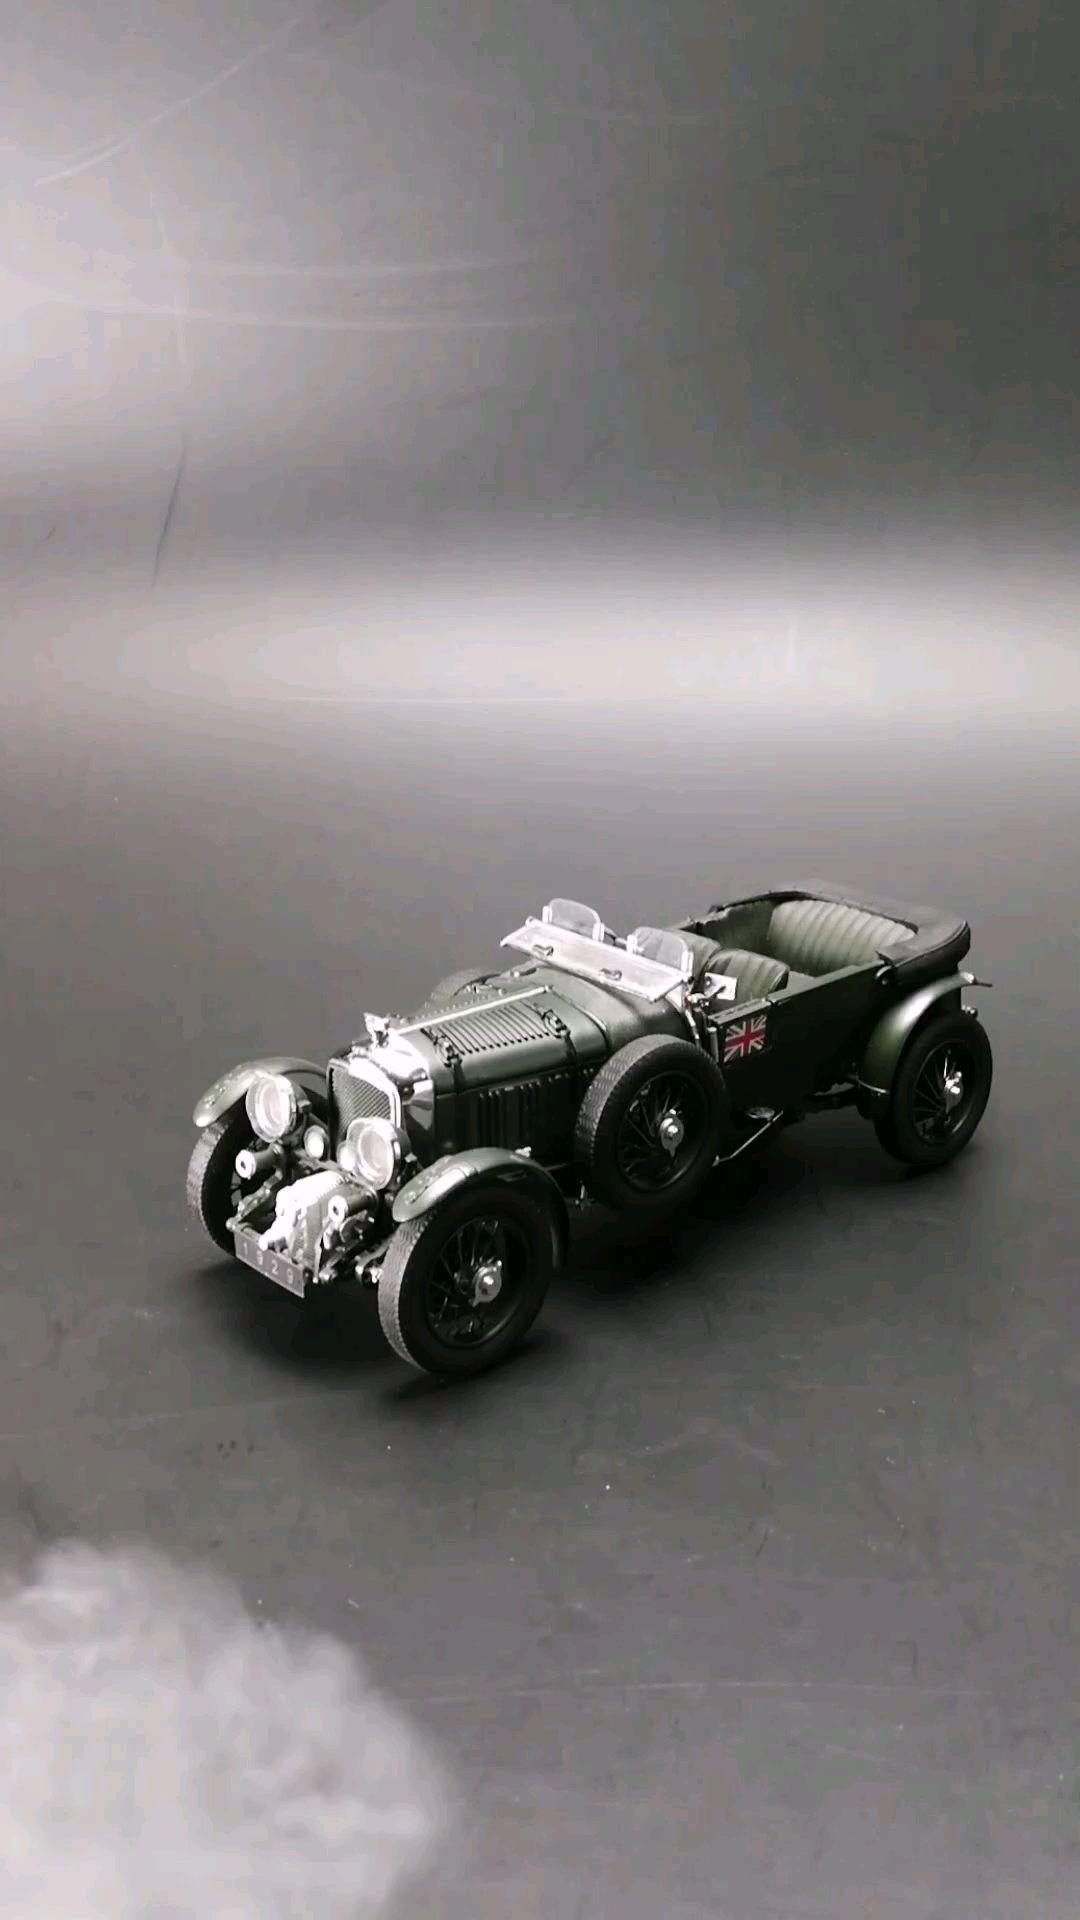 1929英国宾利4.5升机械增压勒芒赛车,1:24比例,东晓汽车模型收藏馆藏品。